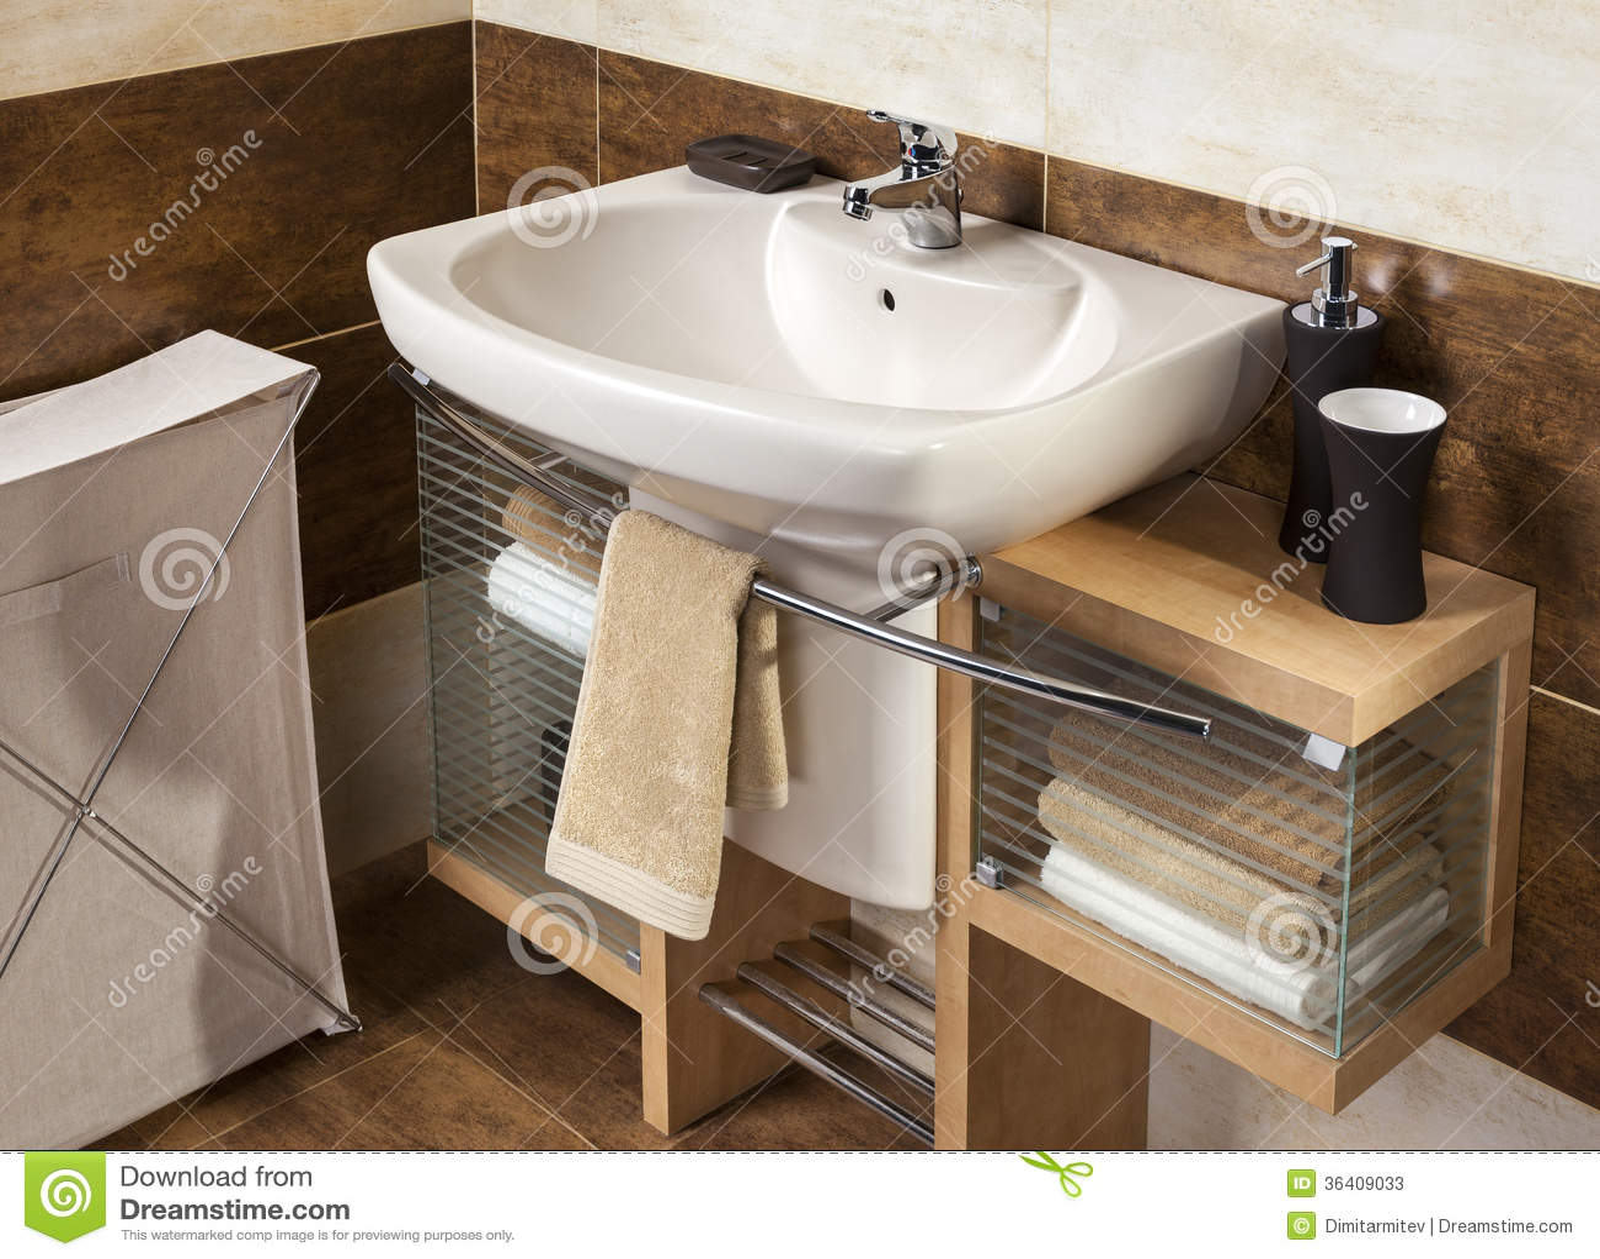 Detalhe De Um Banheiro Moderno Com Dissipador E Acessórios Fotos de  #85AA21 1300x1040 Acessórios Para Banheiro Idosos